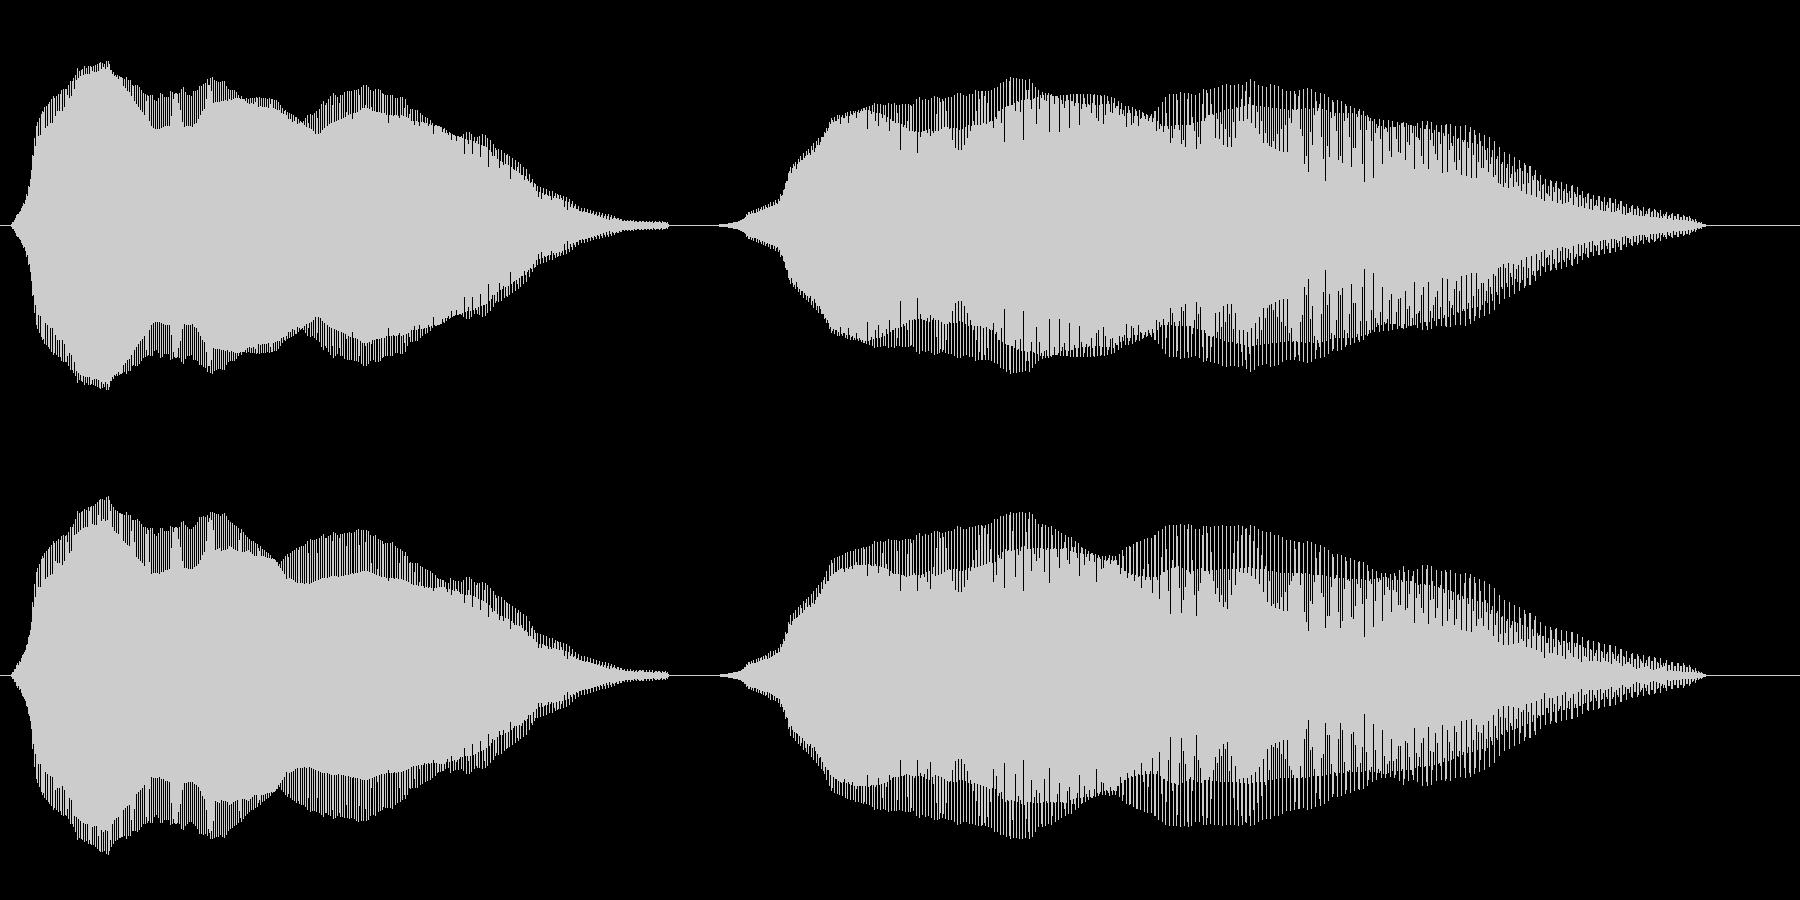 ふわふわ(コミカルな効果音)の未再生の波形